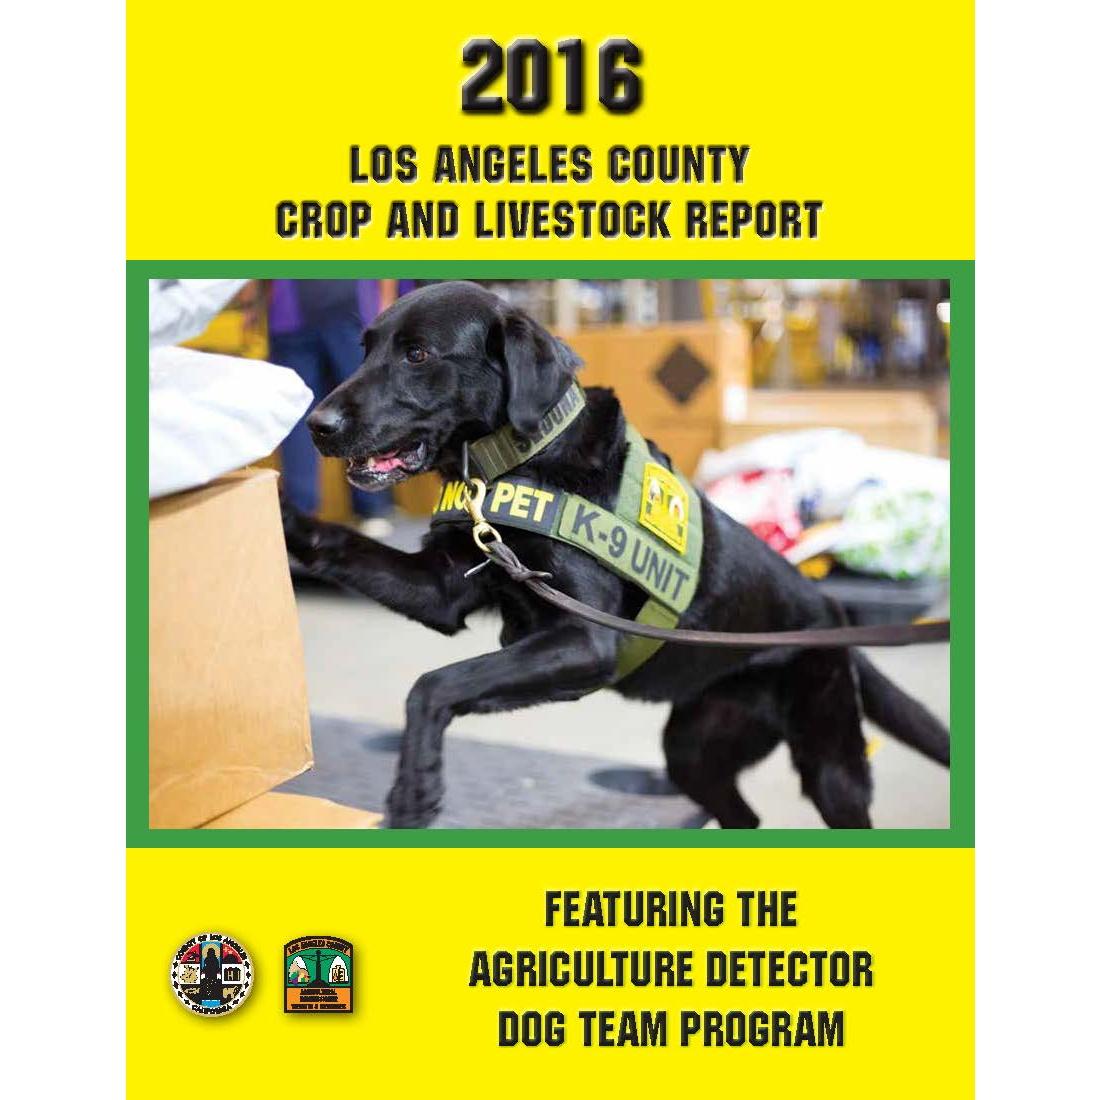 2016 Crop Report